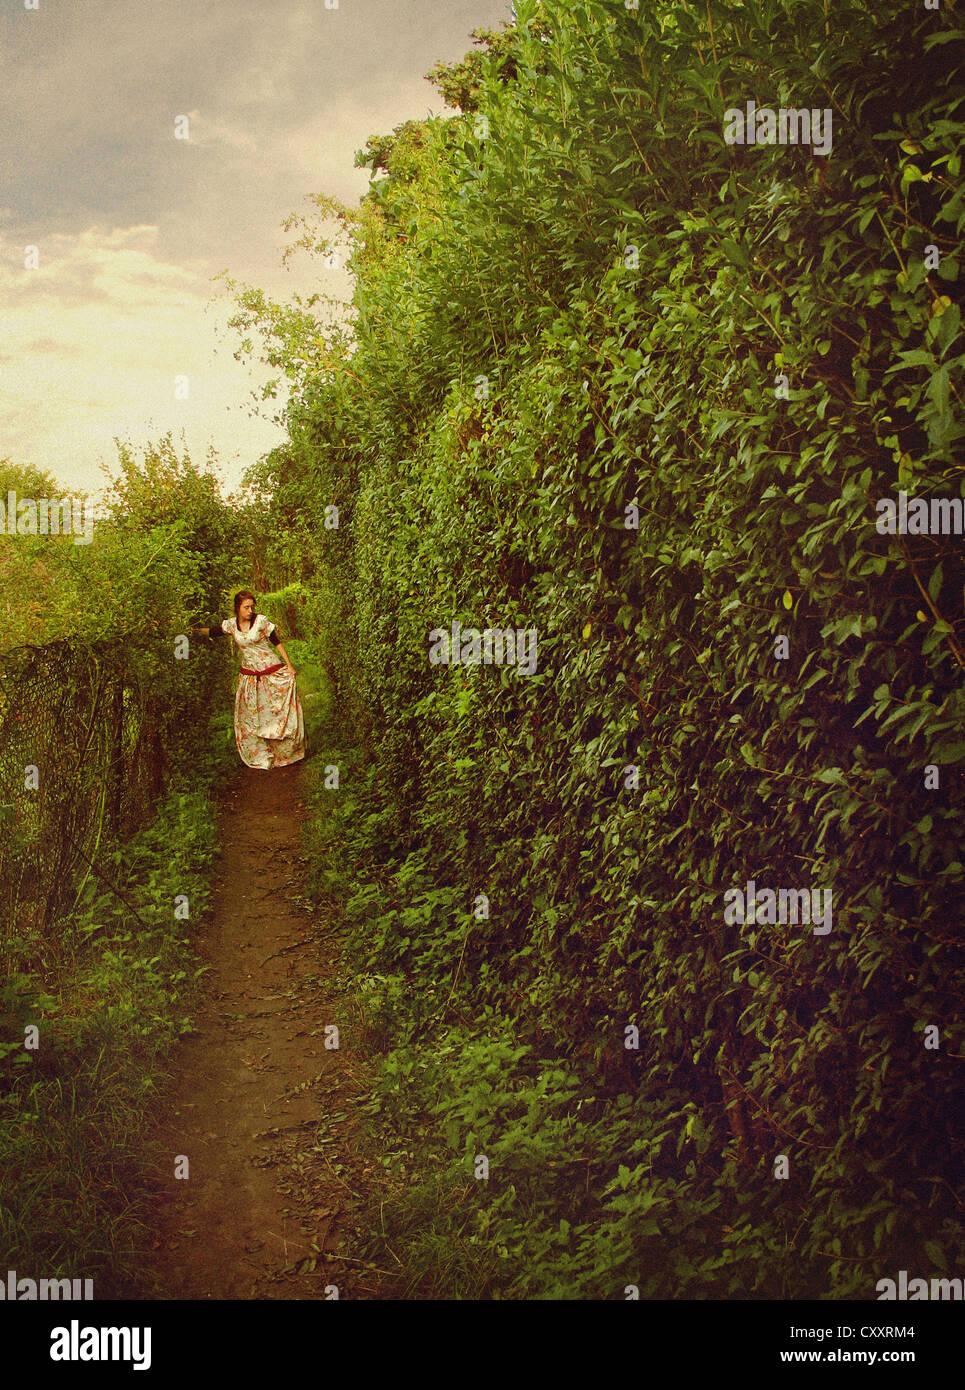 Una donna in bianco abito floreale, camminando lungo un percorso in un giardino / labirinto. Immagini Stock